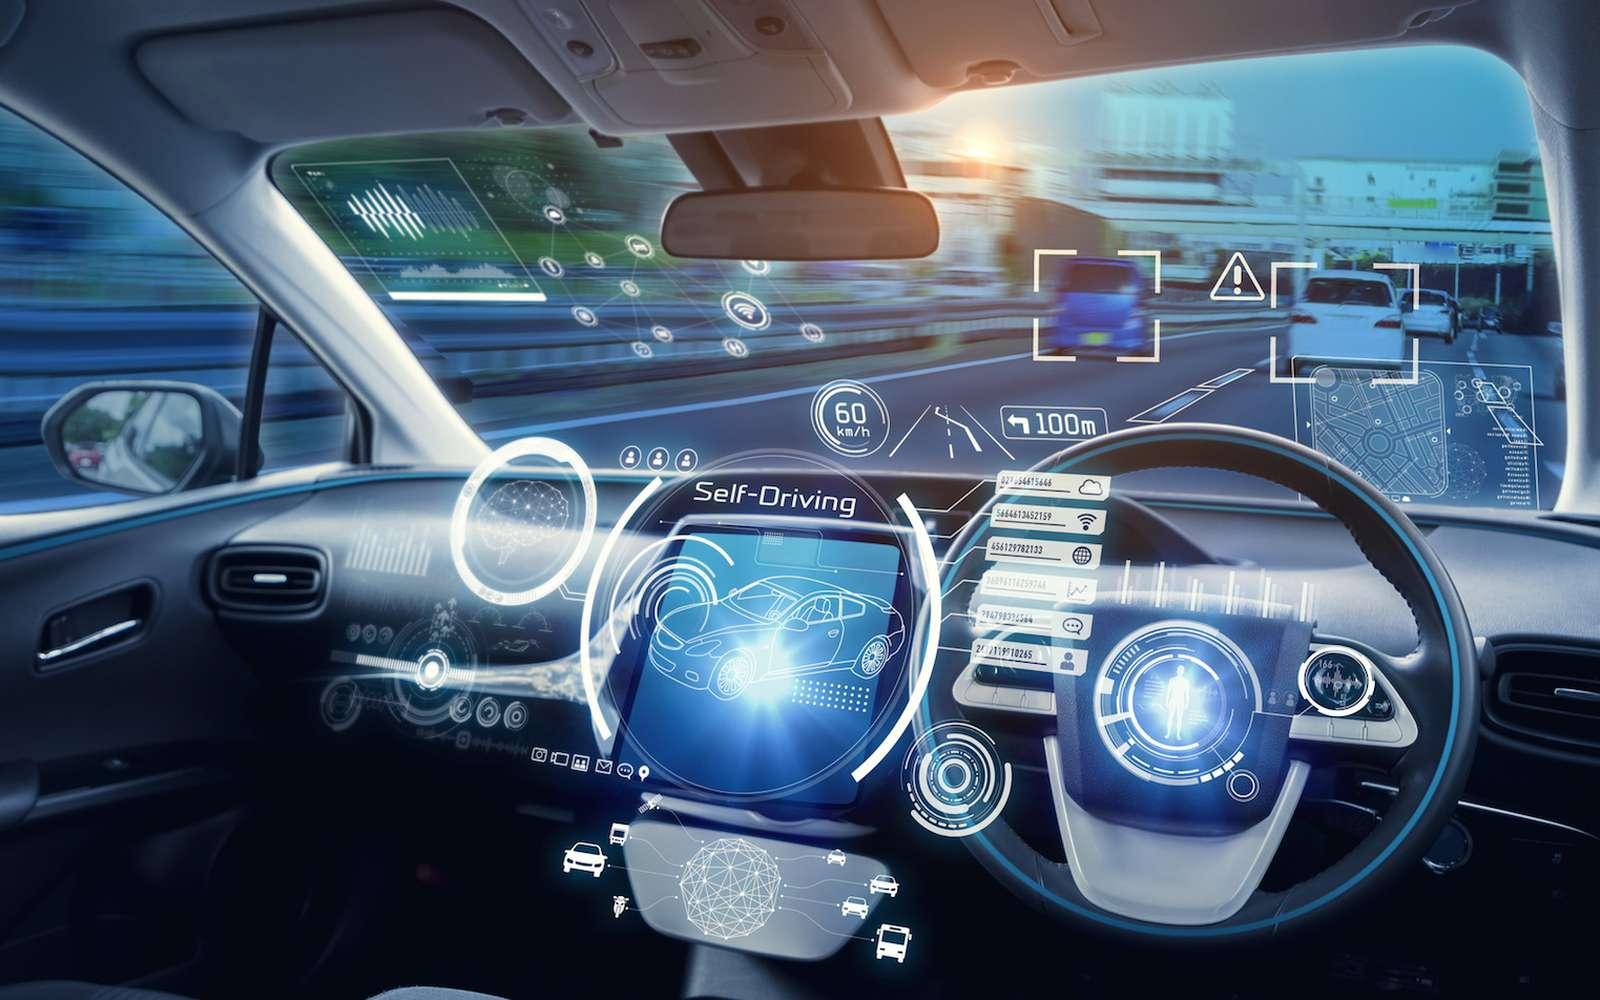 Pour rassurer les passagers, un pare-brise en réalité augmentée pourrait afficher les manœuvres à venir de la voiture autonome, mais aussi afficher des informations liées à la circulation ou à des obstacles présents sur la route. © Metamorworks